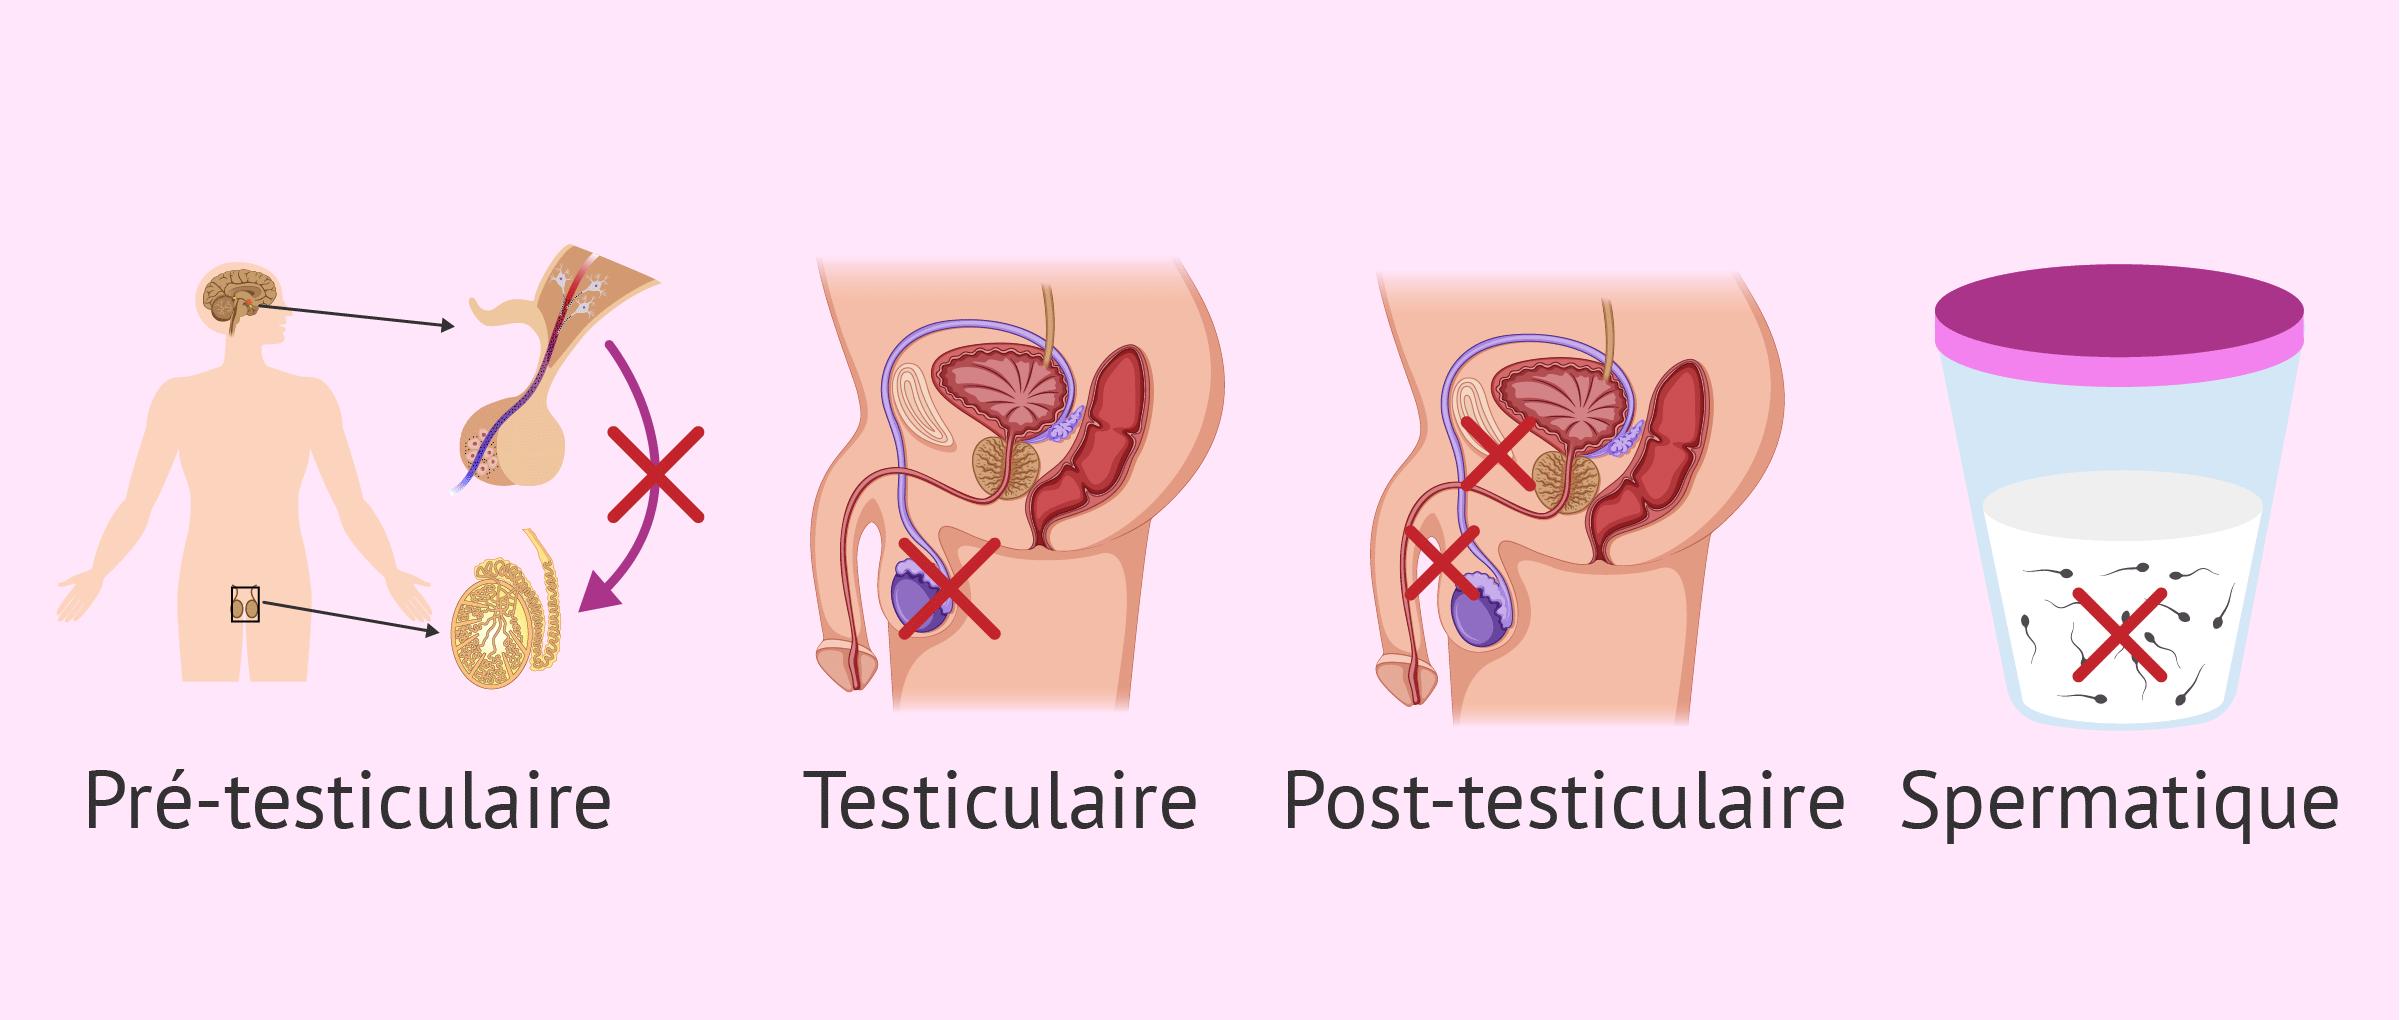 Les causes de la stérilité masculine